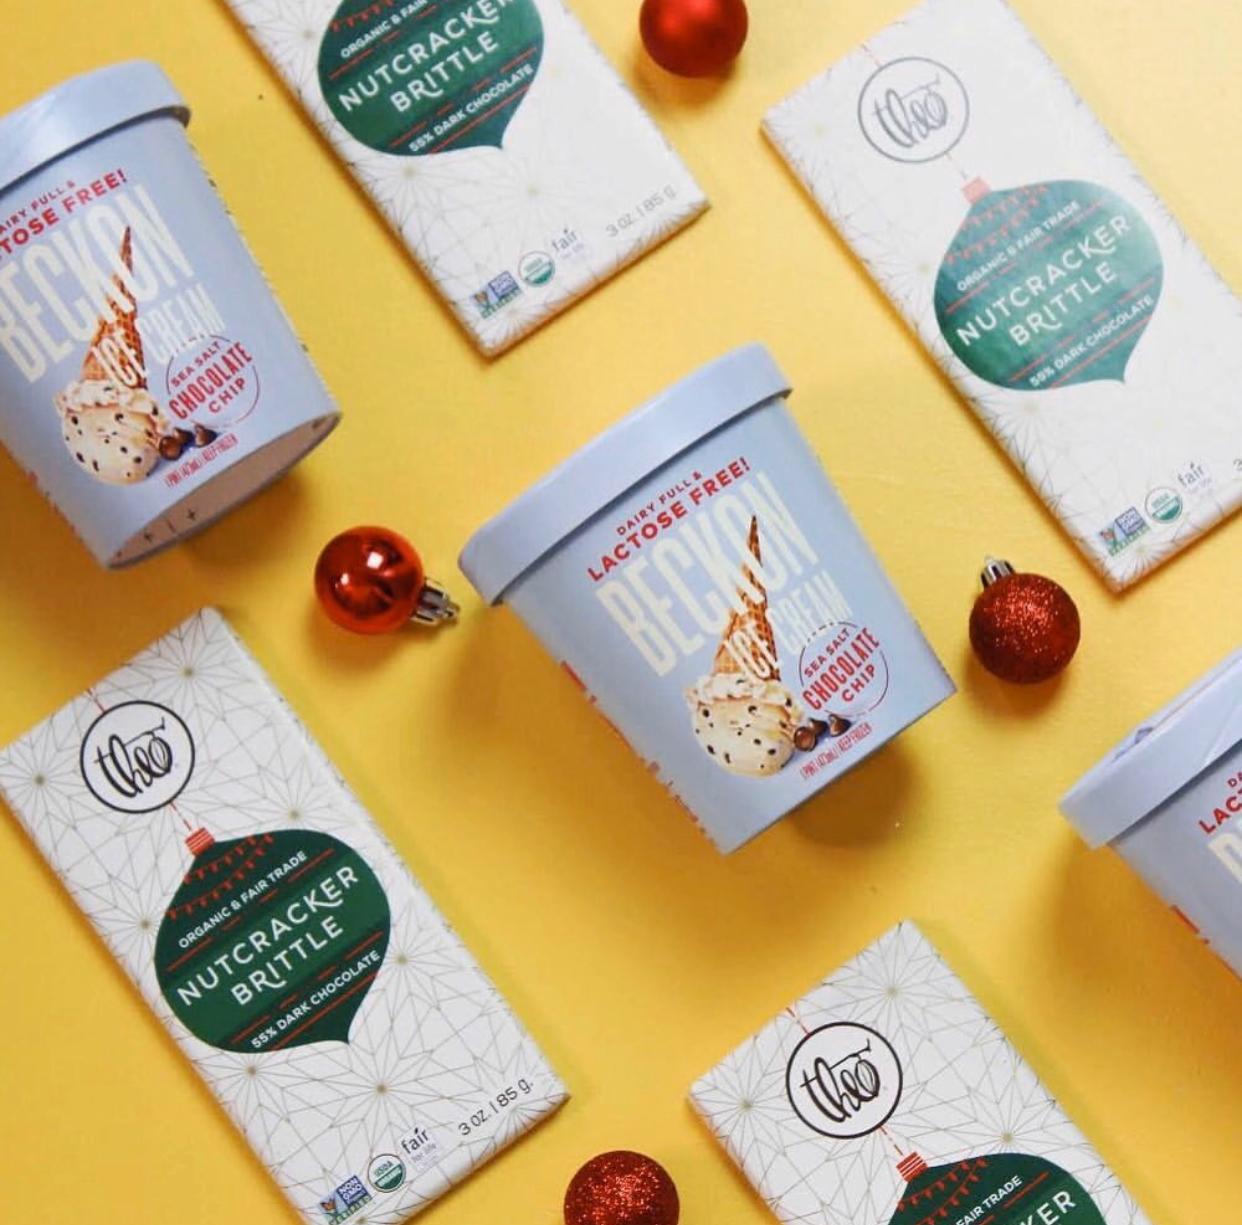 10 Food & Beverage Brands Hosting Giveaways This Holiday Season